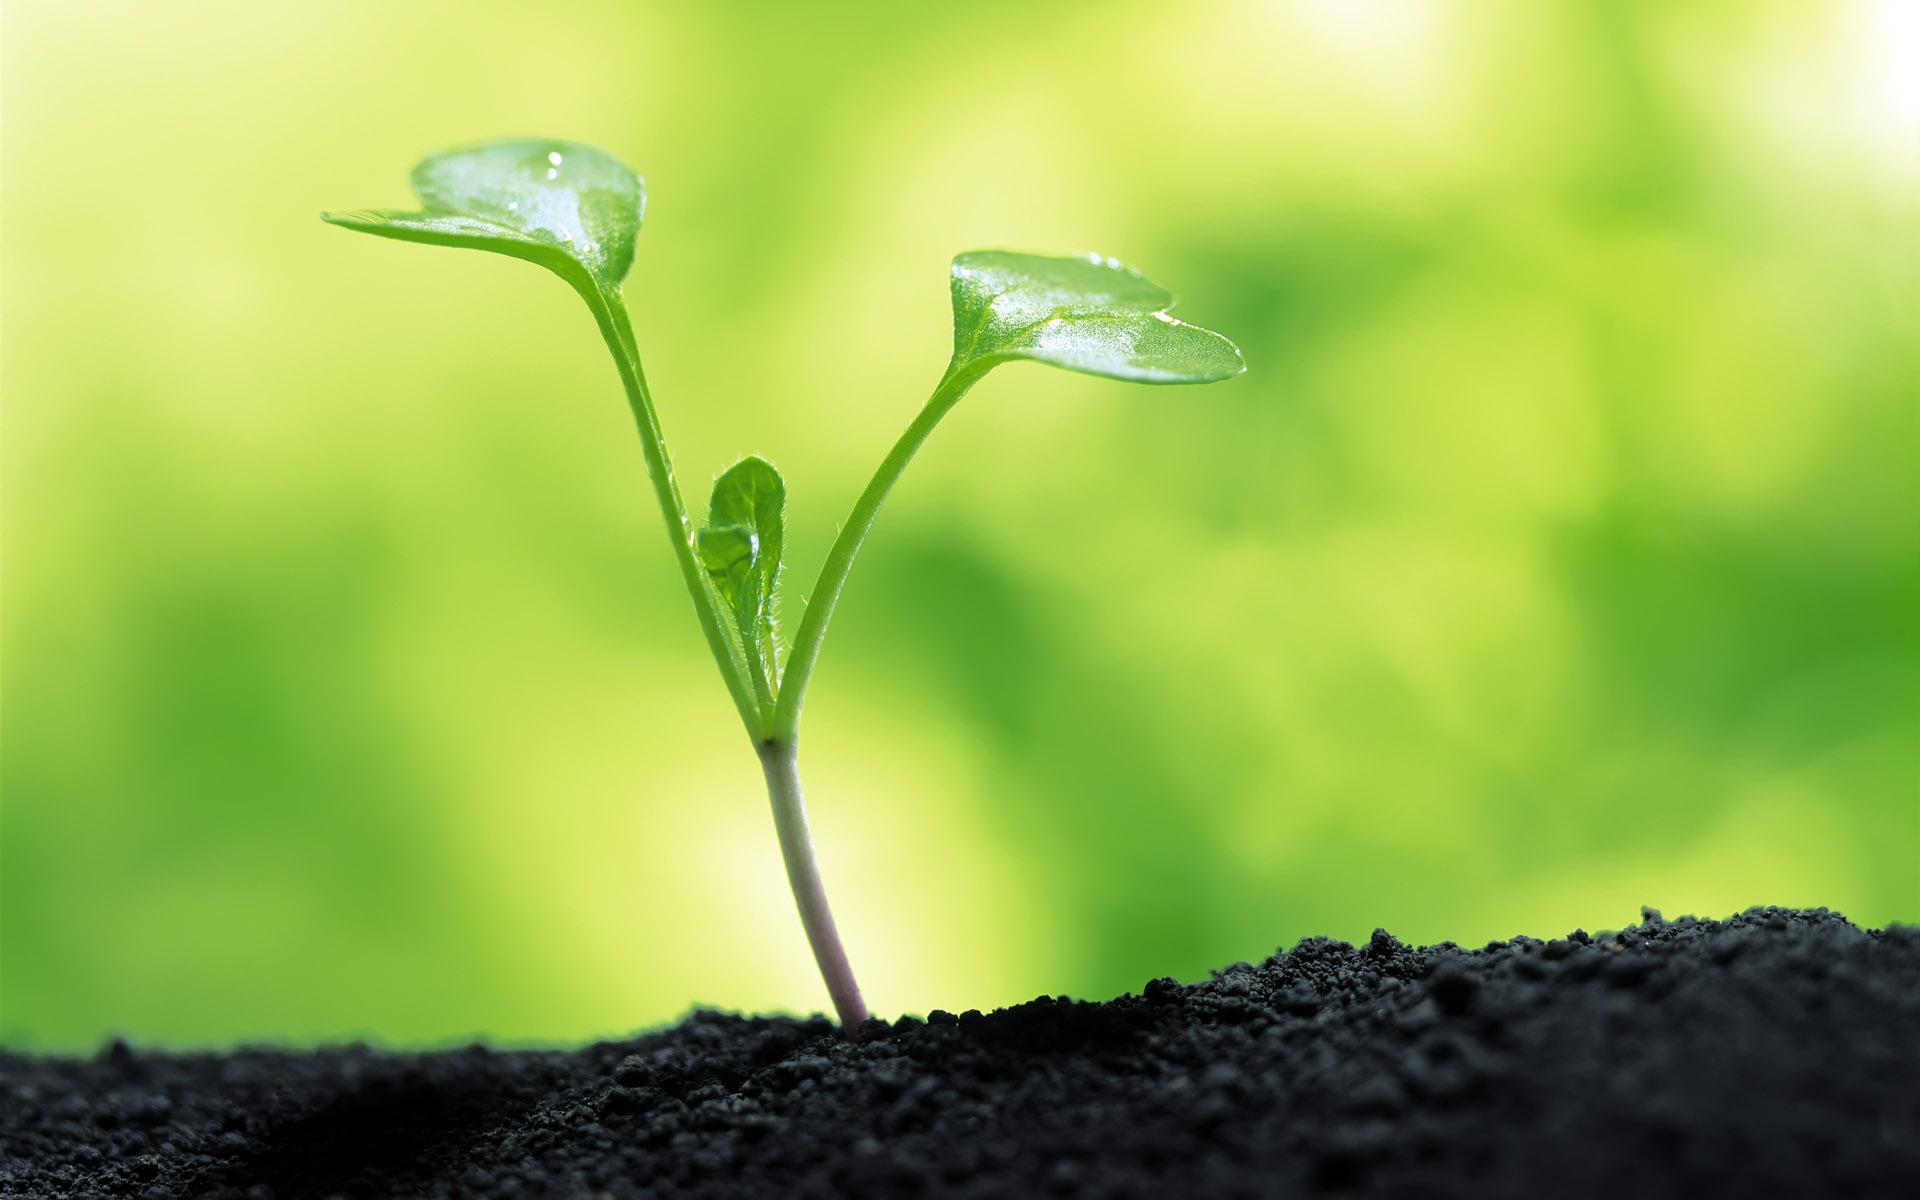 Plant Close Up Wallpaper 46699